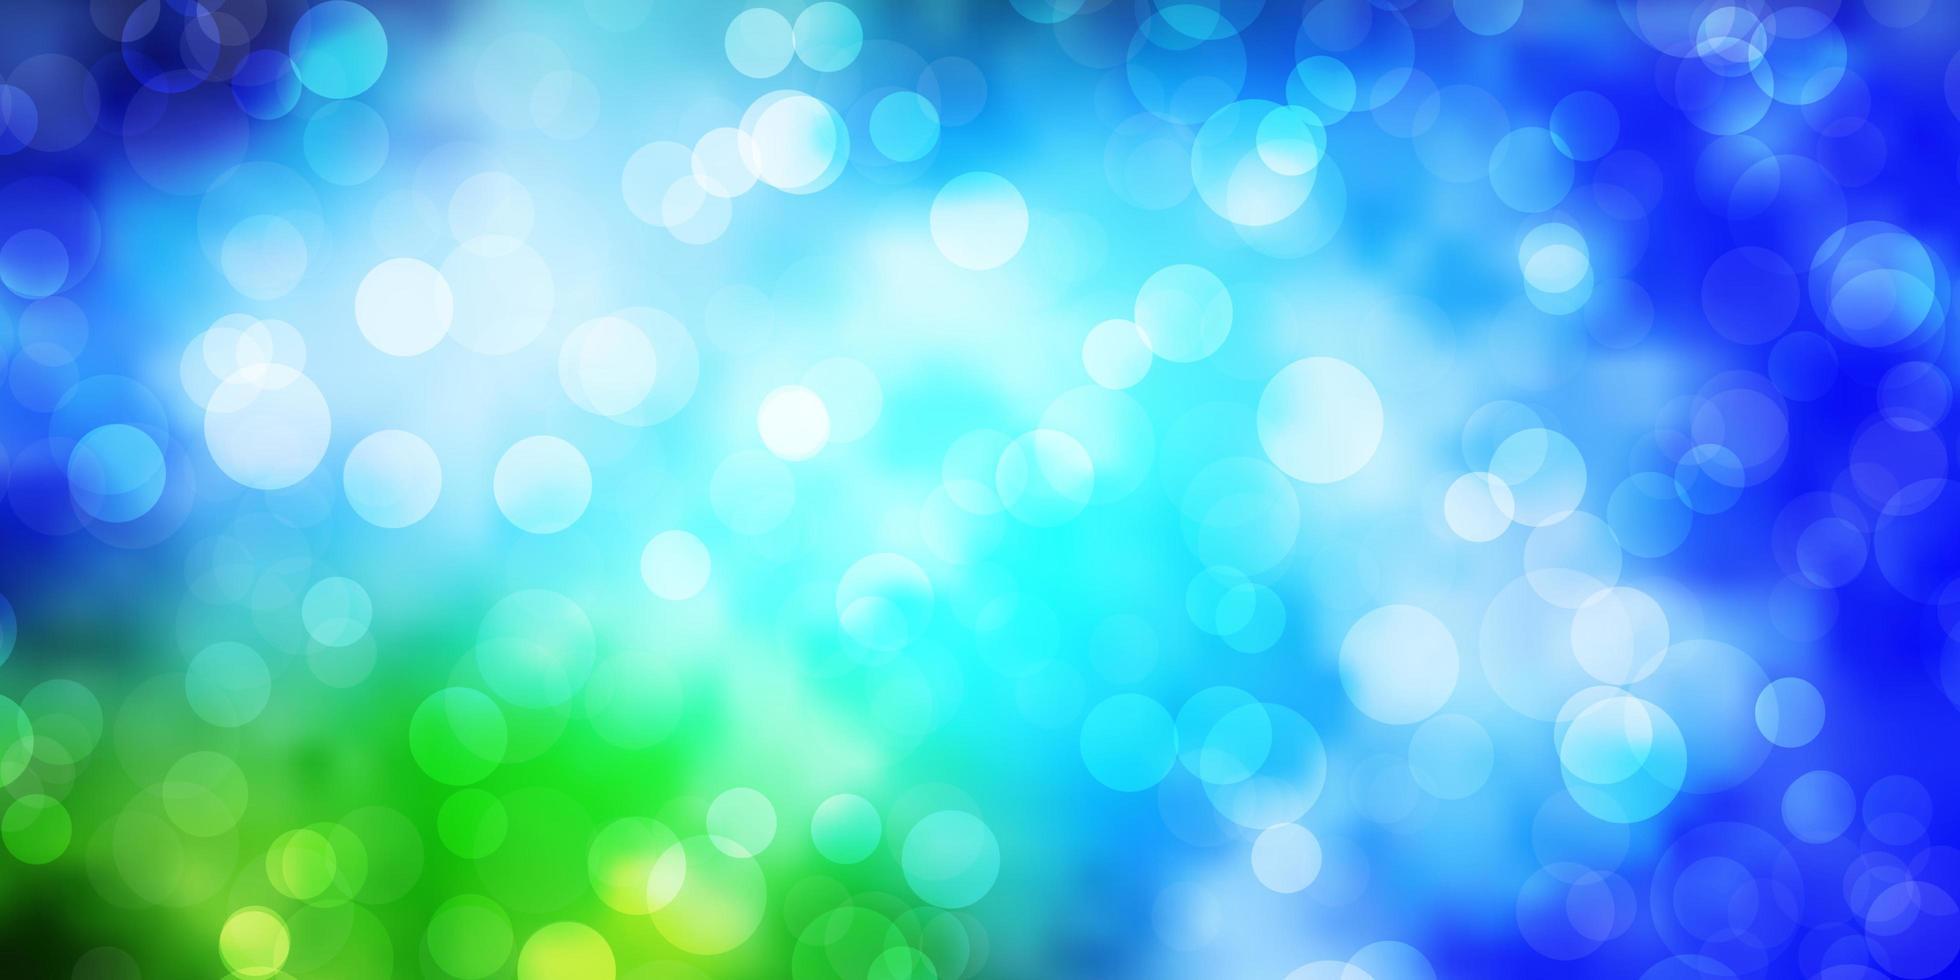 ljusblått, grönt vektormönster med cirklar. vektor